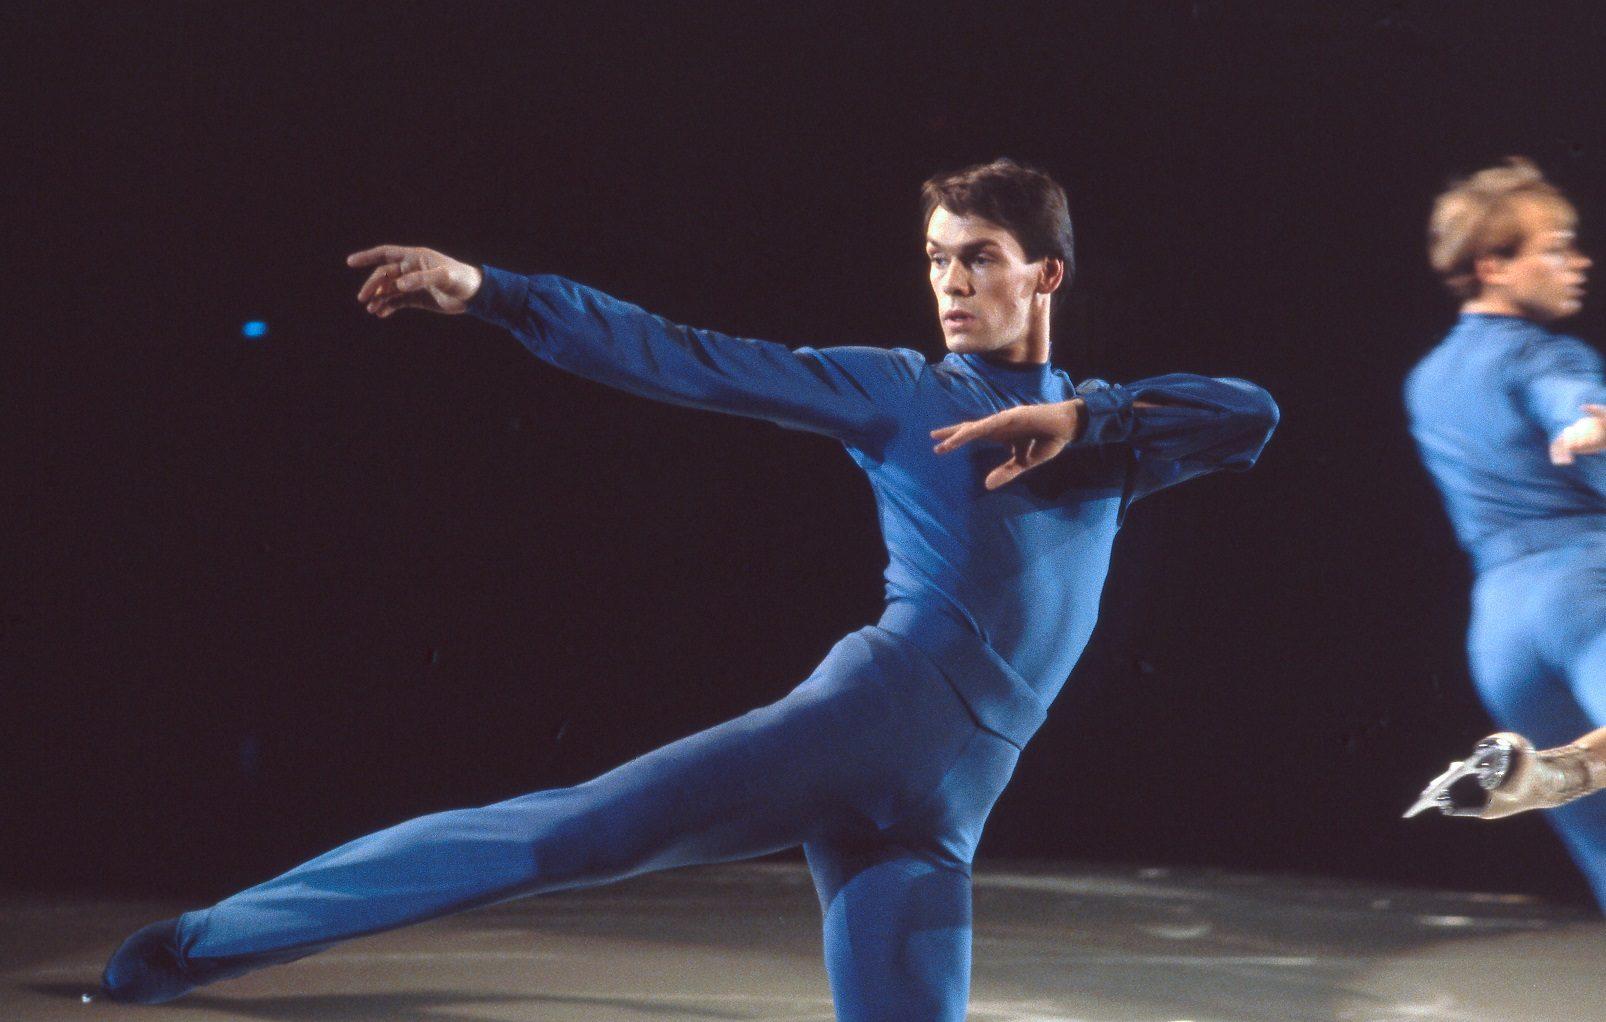 İzleyin: Tarihin İlk Açıkça Eşcinsel Olimpik Sporcusu John Curry Hakkındaki 'The Ice King' Belgeseli